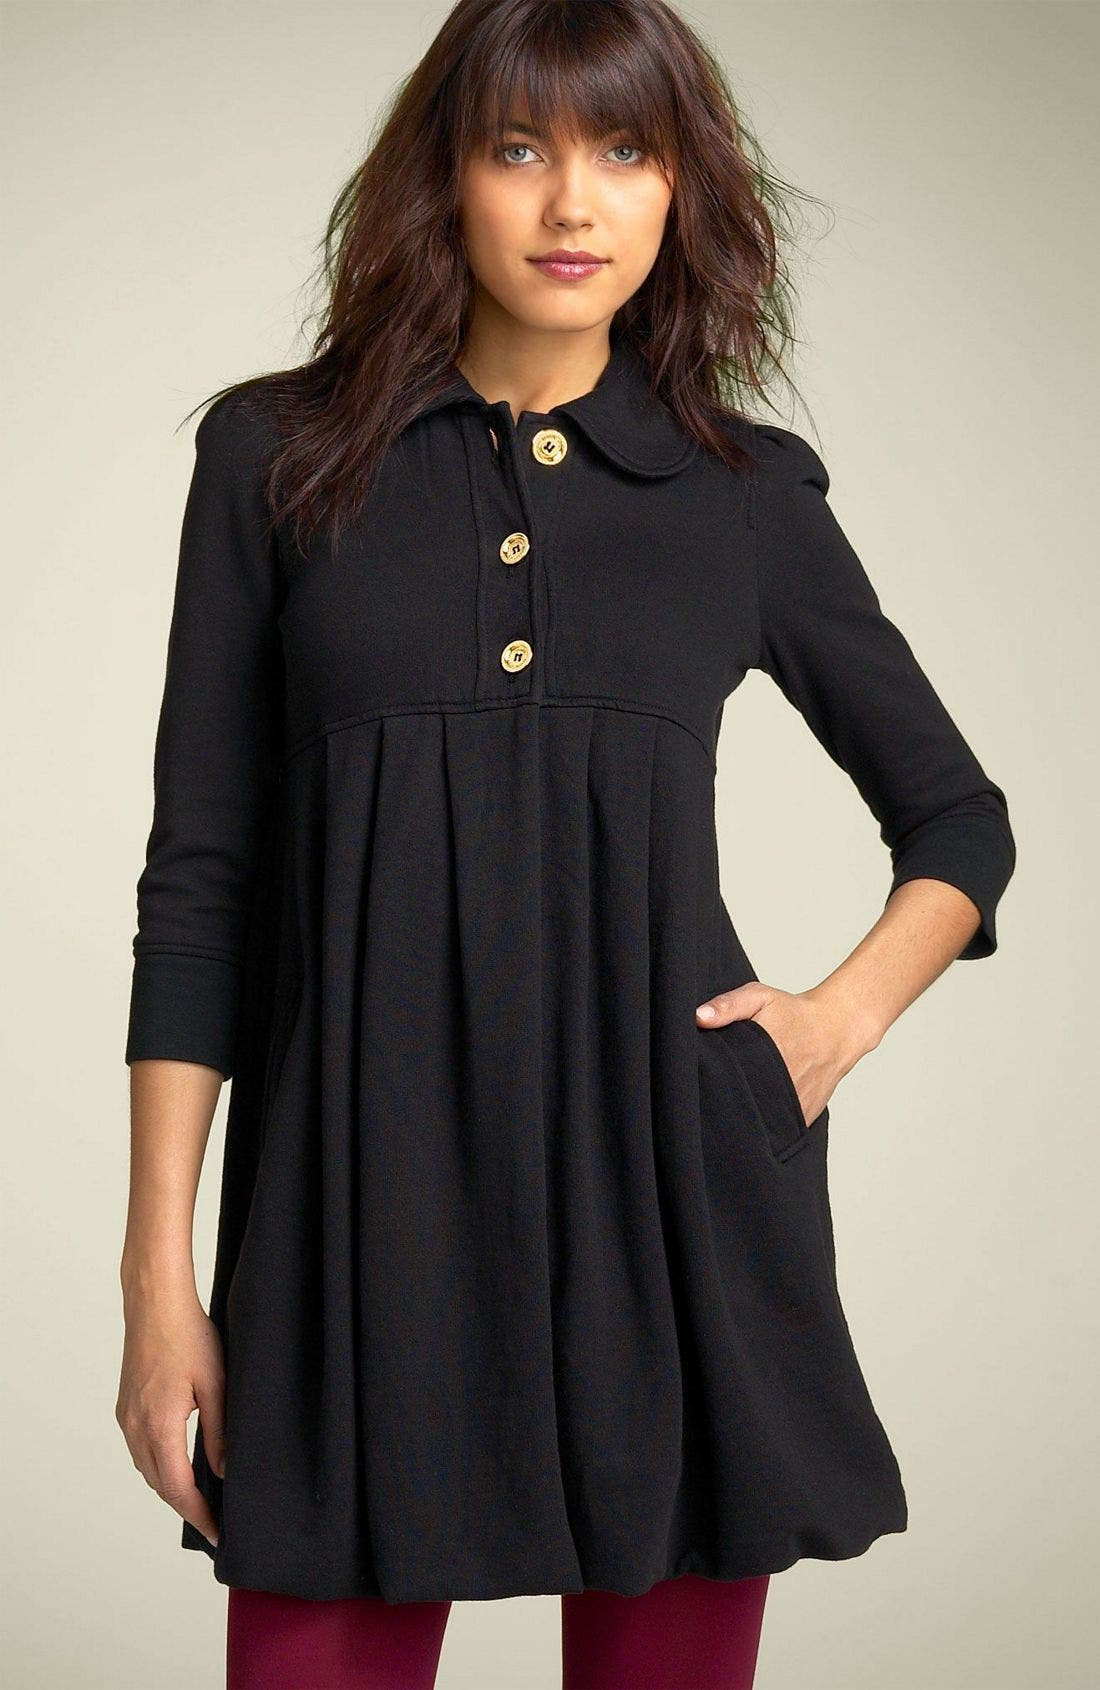 Juicy Couture Fleece Empire Waist Jacket Nordstrom